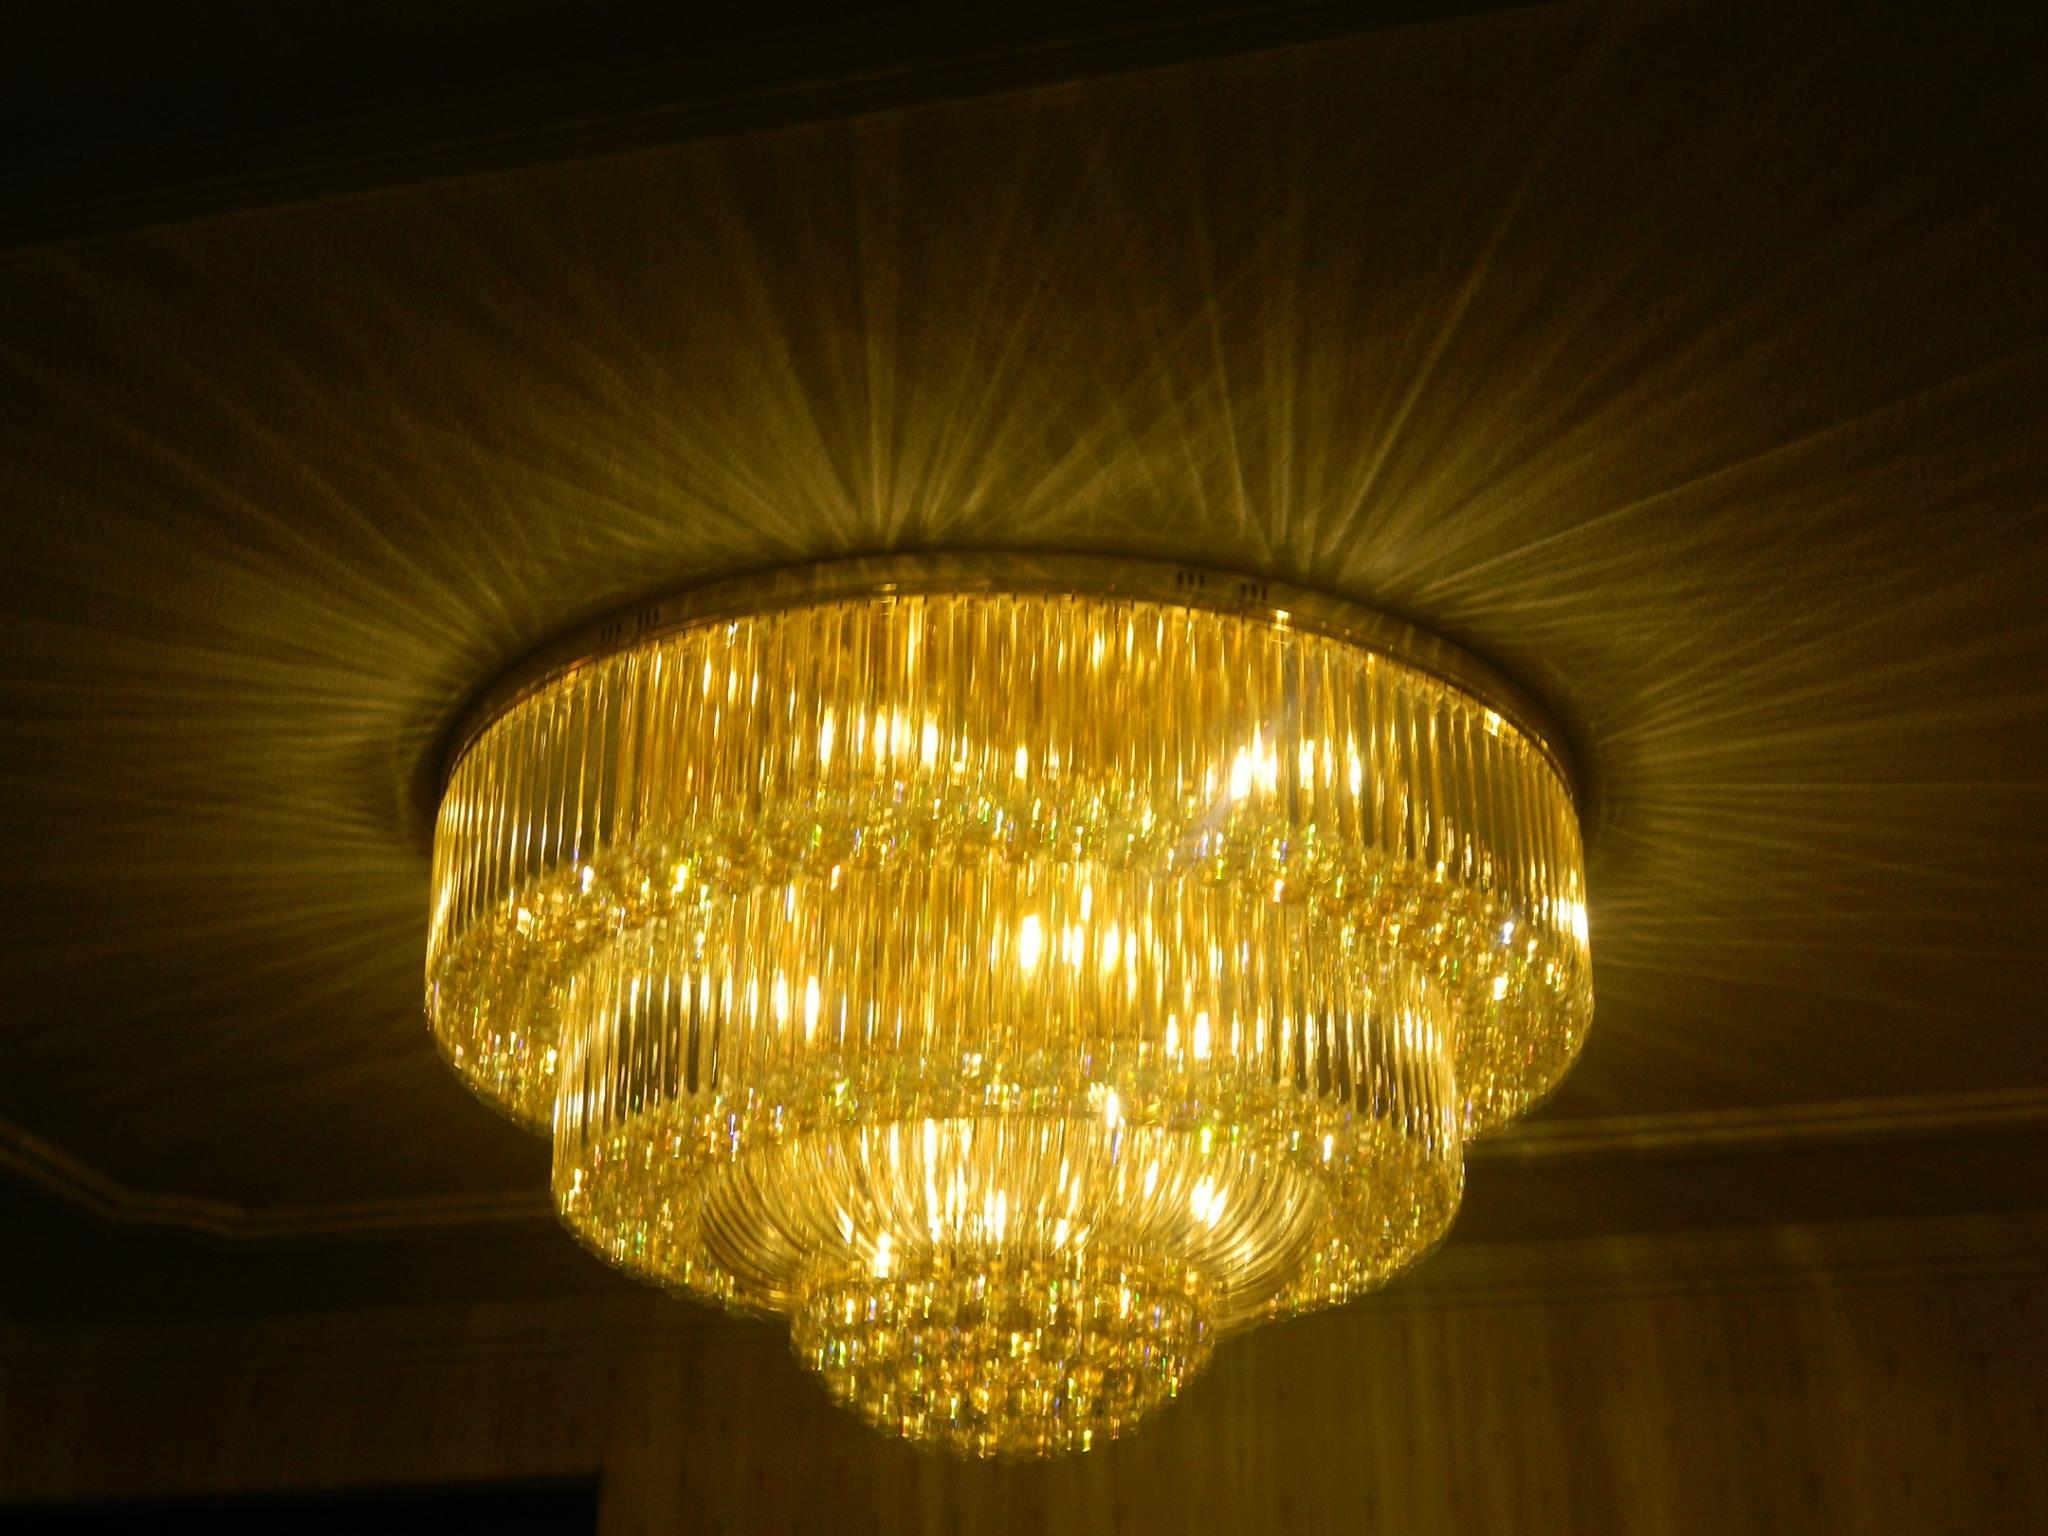 pasang-lampu-kristal-bapak-syam-11